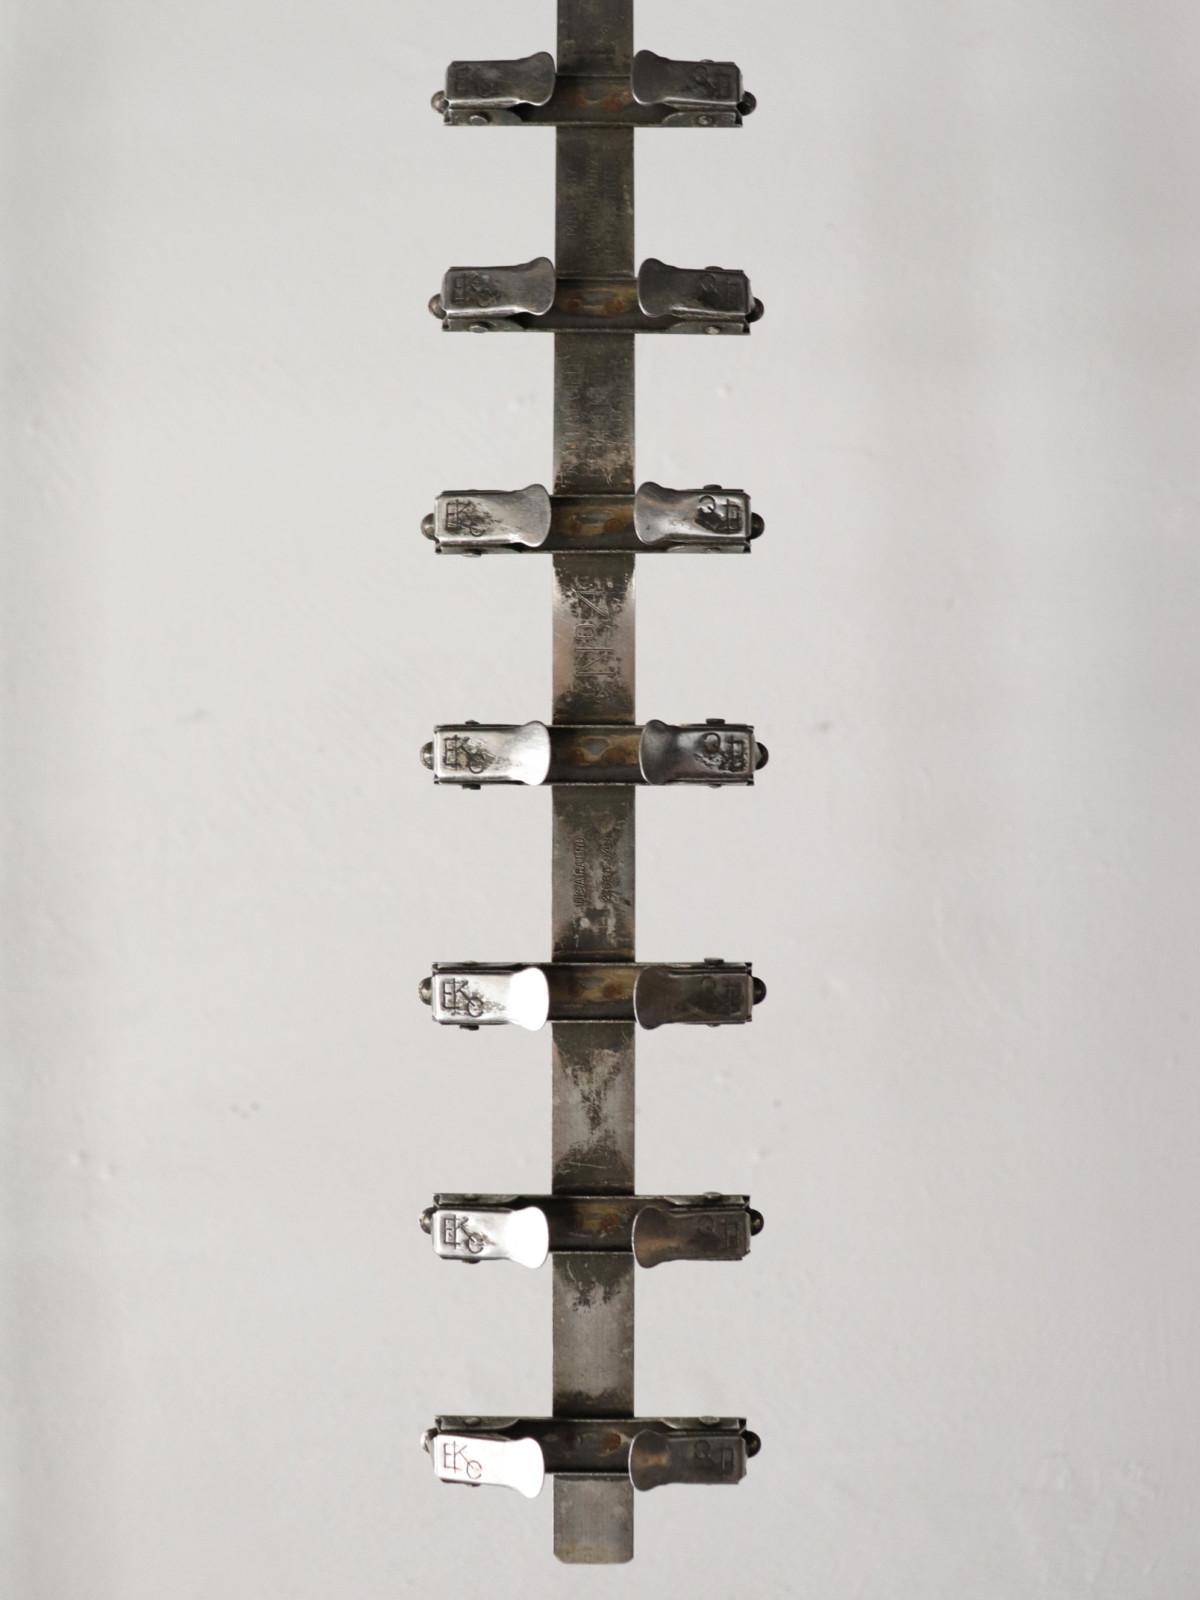 metal holder,film holder,USA